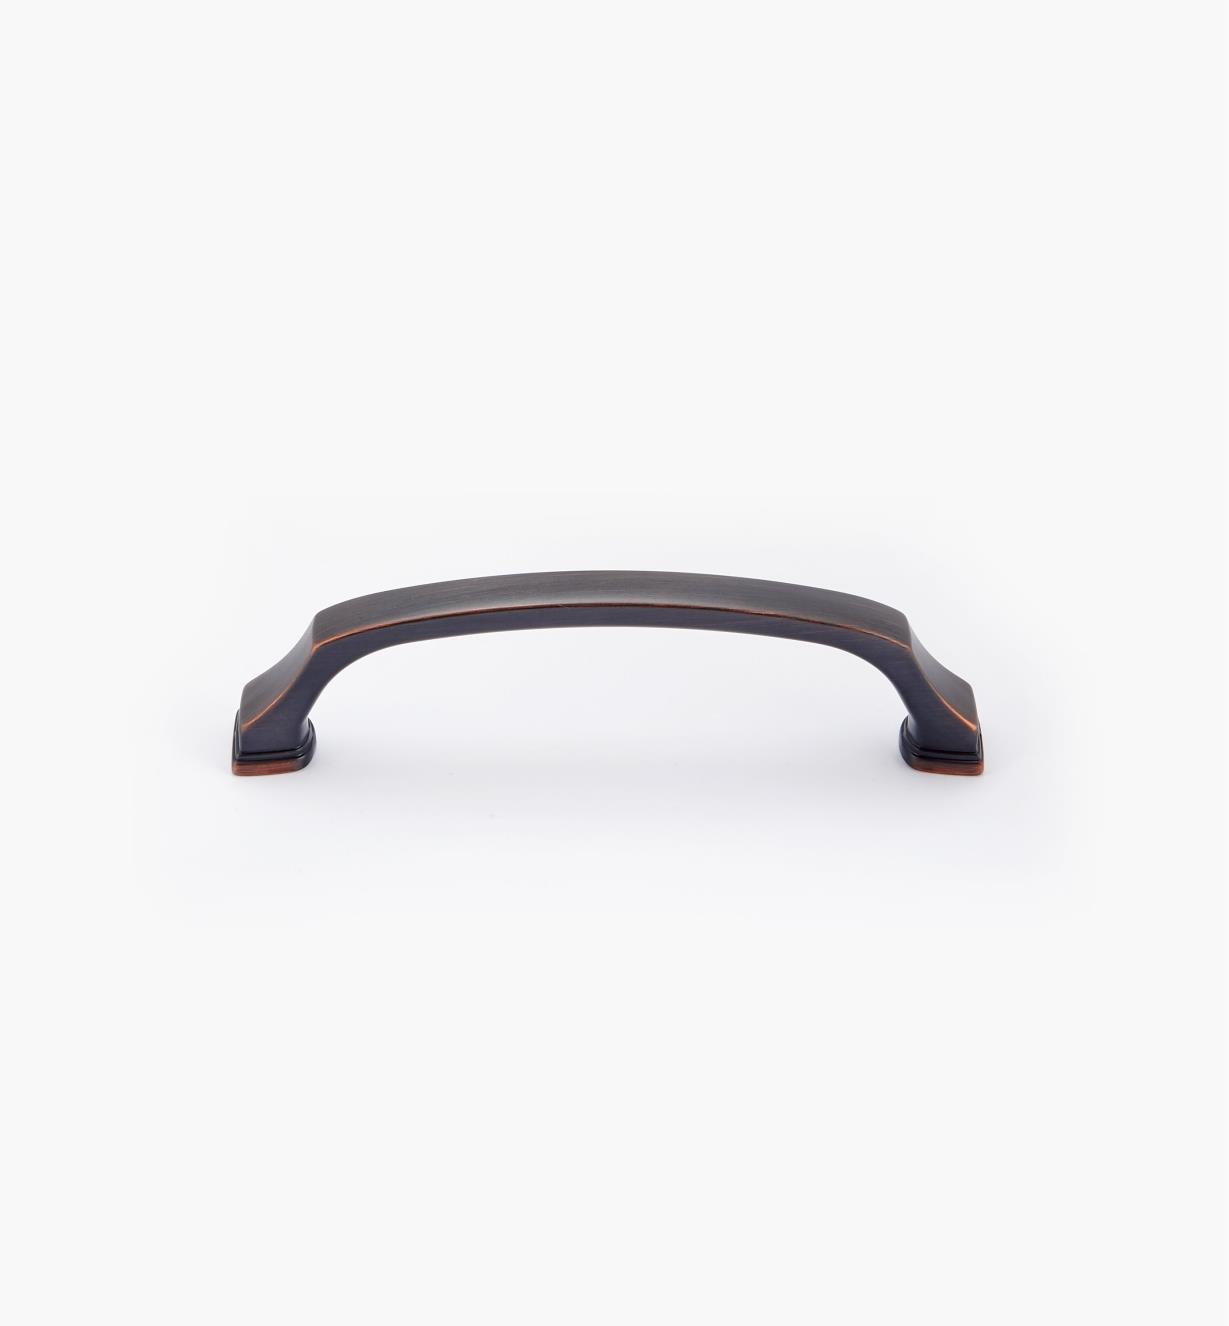 02A2245 - Poignée Revitalize, 128mm x 37mm, bronze huilé, l'unité